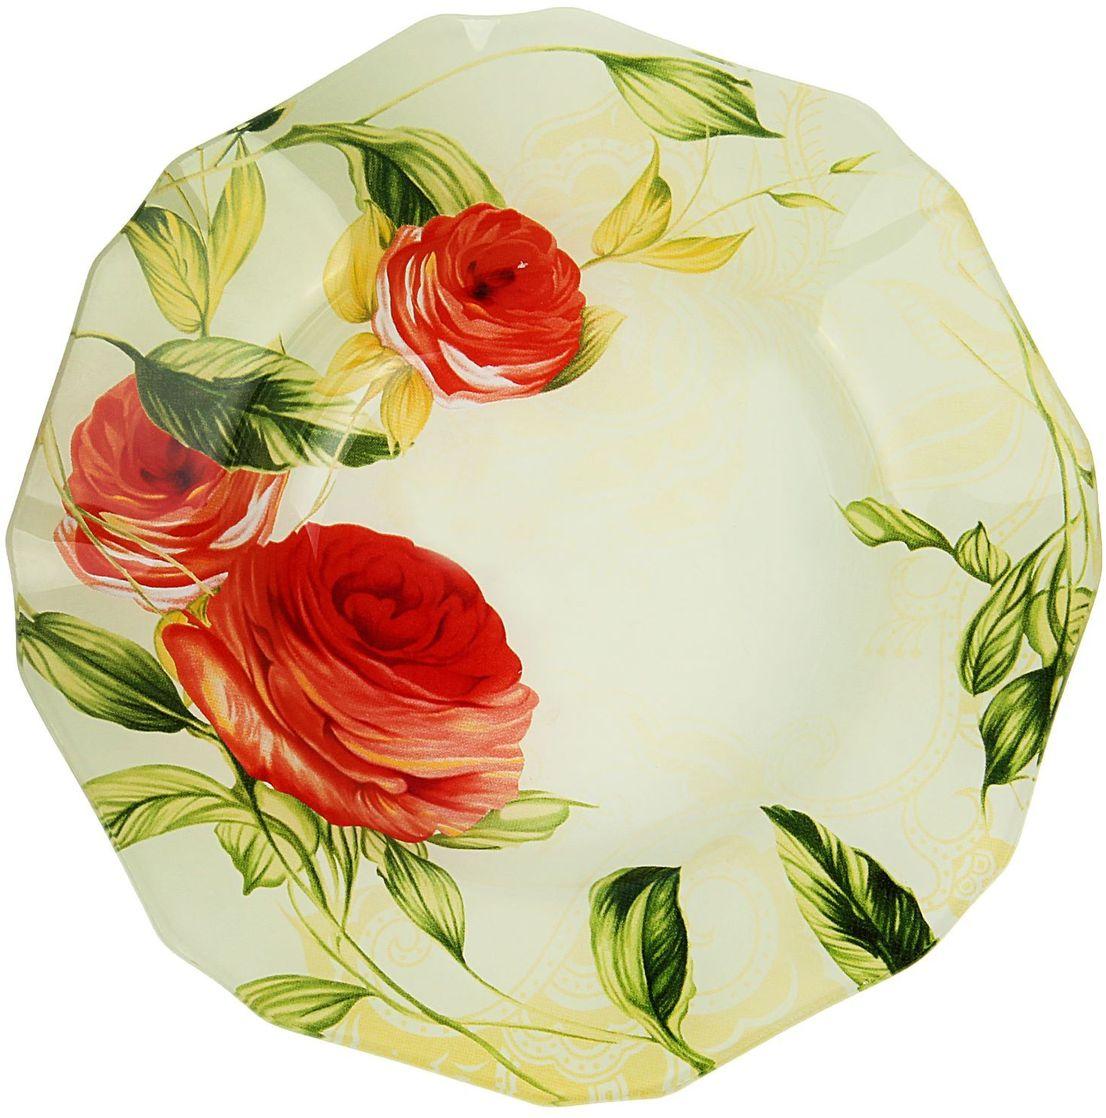 Тарелка глубокая Доляна Чайная роза, диаметр 20 см54 009312Тарелка Доляна с природными мотивами в оформлении разнообразит интерьер кухни и сделает застолье самобытным и запоминающимся. Качественное стекло не впитывает запахов, гладкая поверхность обеспечивает легкость мытья.Рекомендуется избегать использования абразивных моющих средств.Делайте любимый дом уютнее!